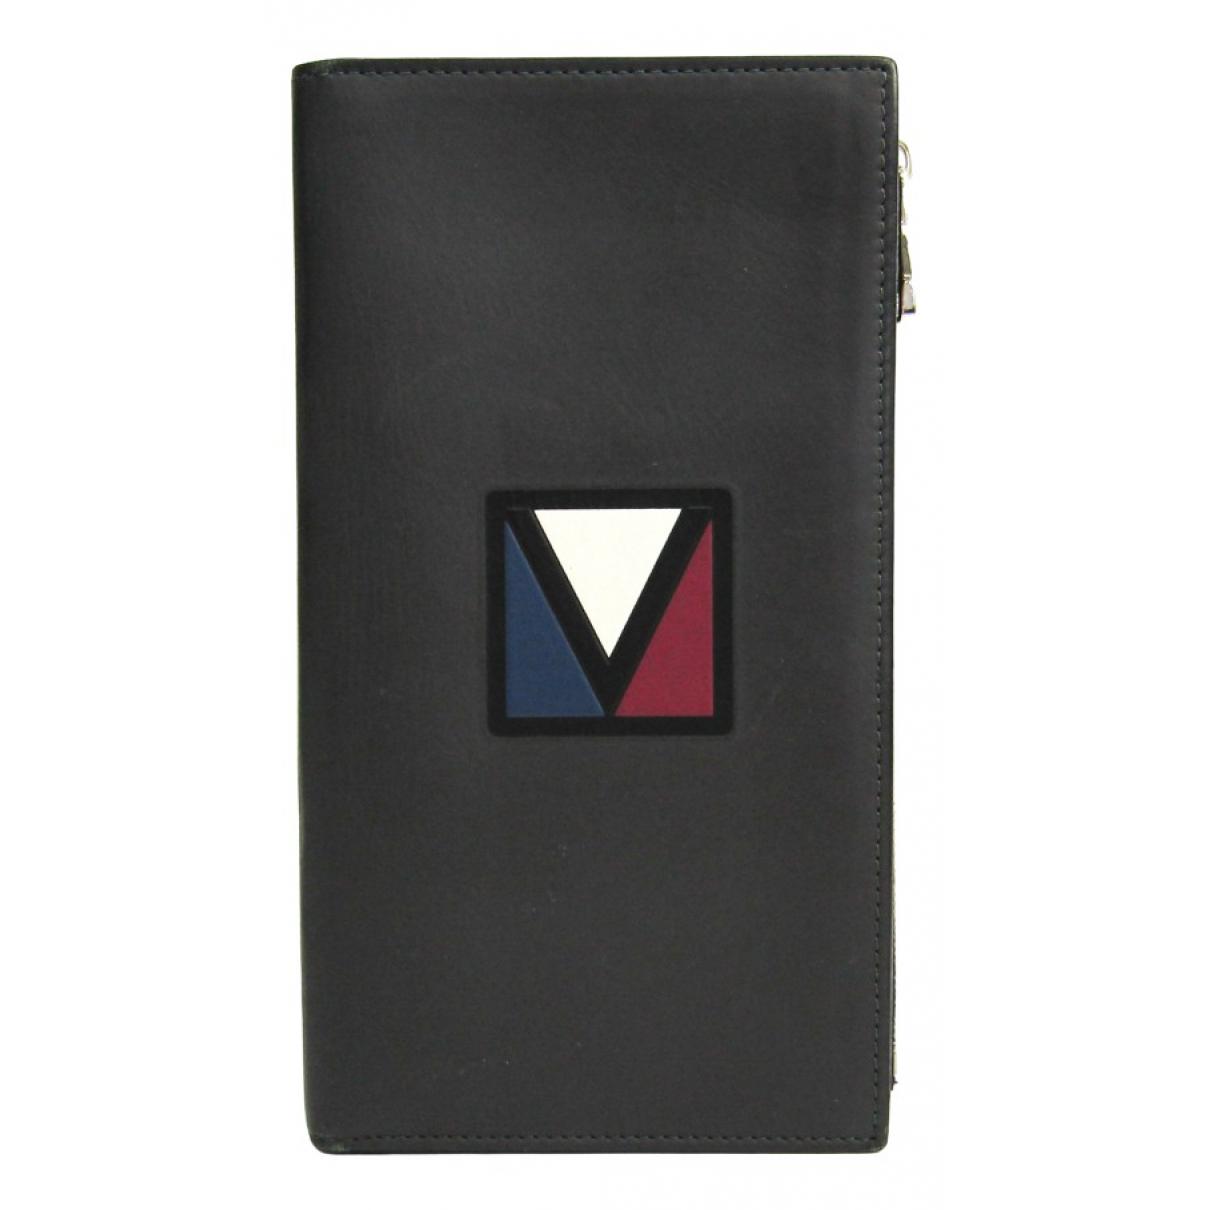 Louis Vuitton - Petite maroquinerie   pour homme en cuir - gris